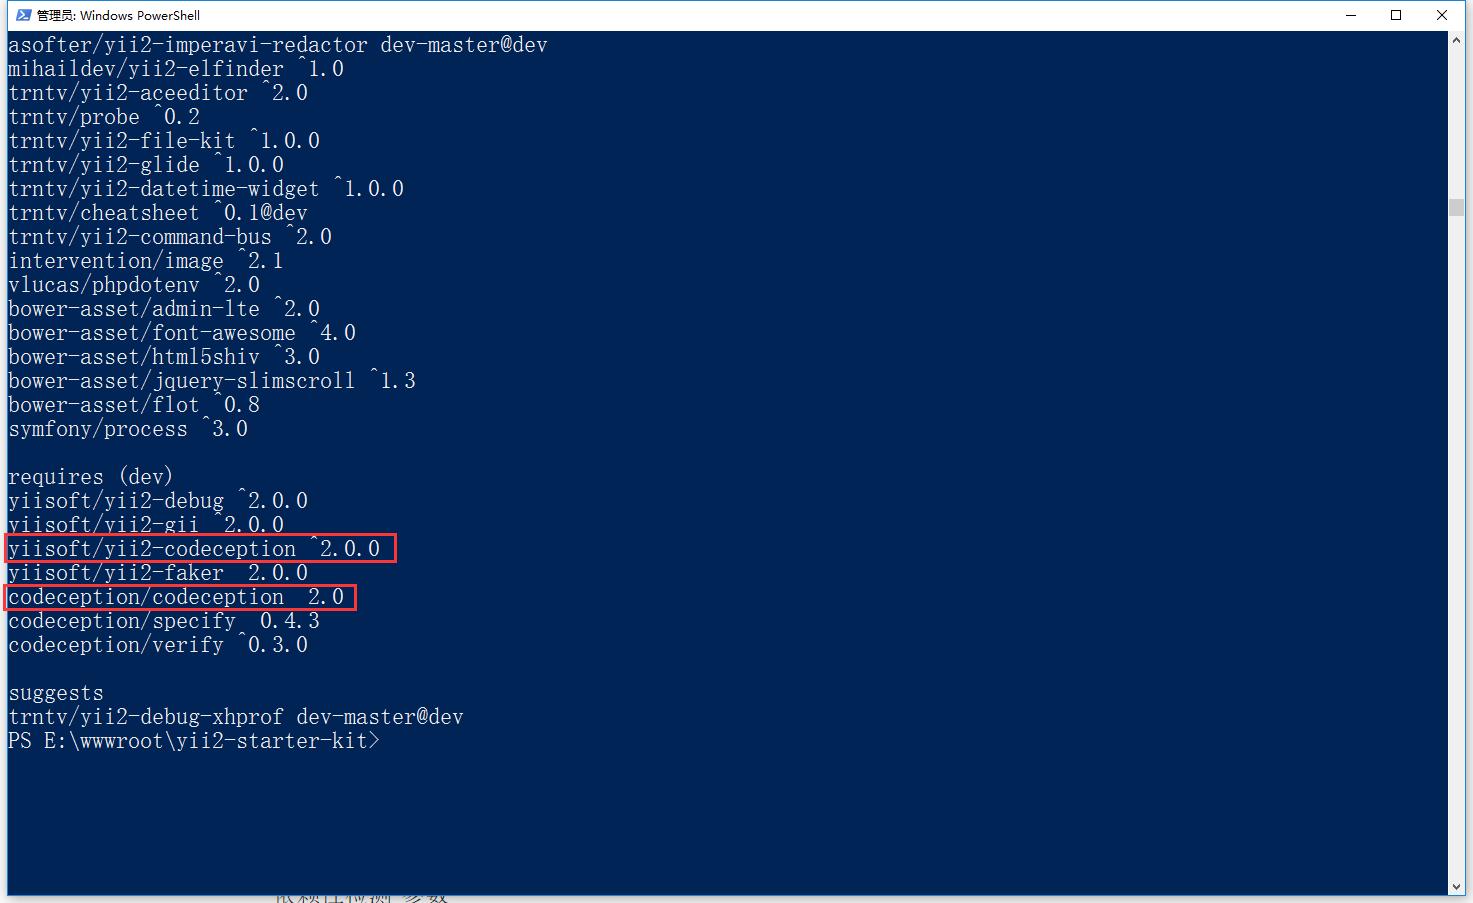 查看 requires (dev) 选项,发现 codeception/codeception 已经存在,因此,只需要删除 yiisoft/yii2-codeception 即可